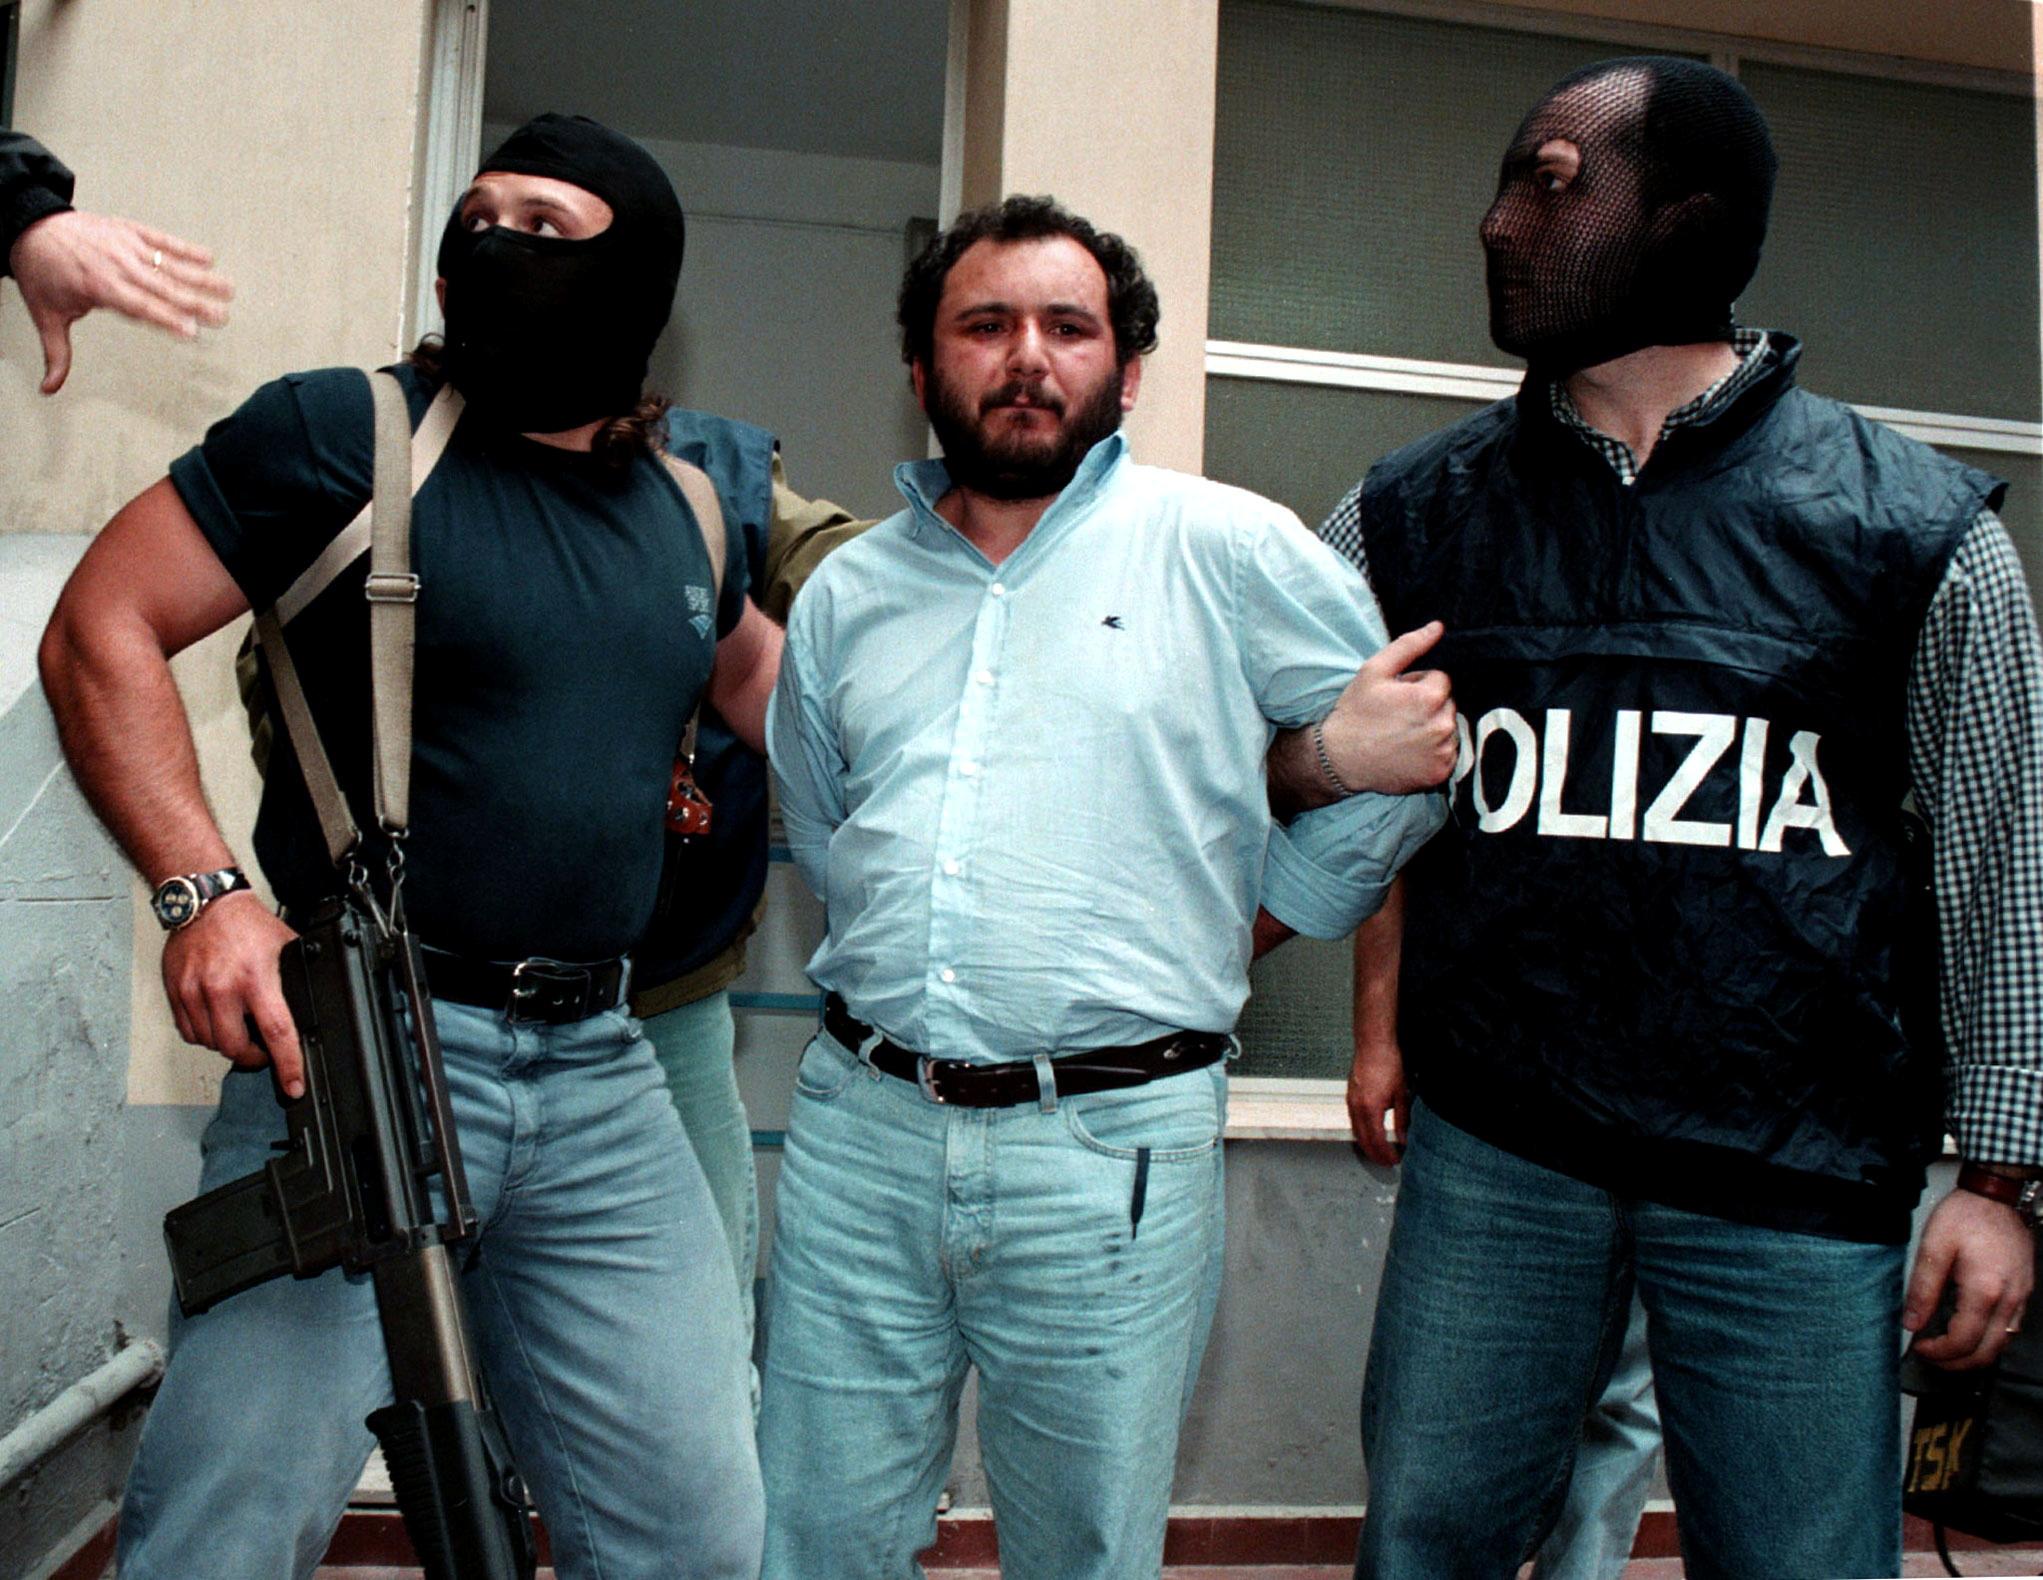 Σάλος στην Ιταλία για την αποφυλάκιση αρχινονού που ήταν μέσα για δολοφονίες